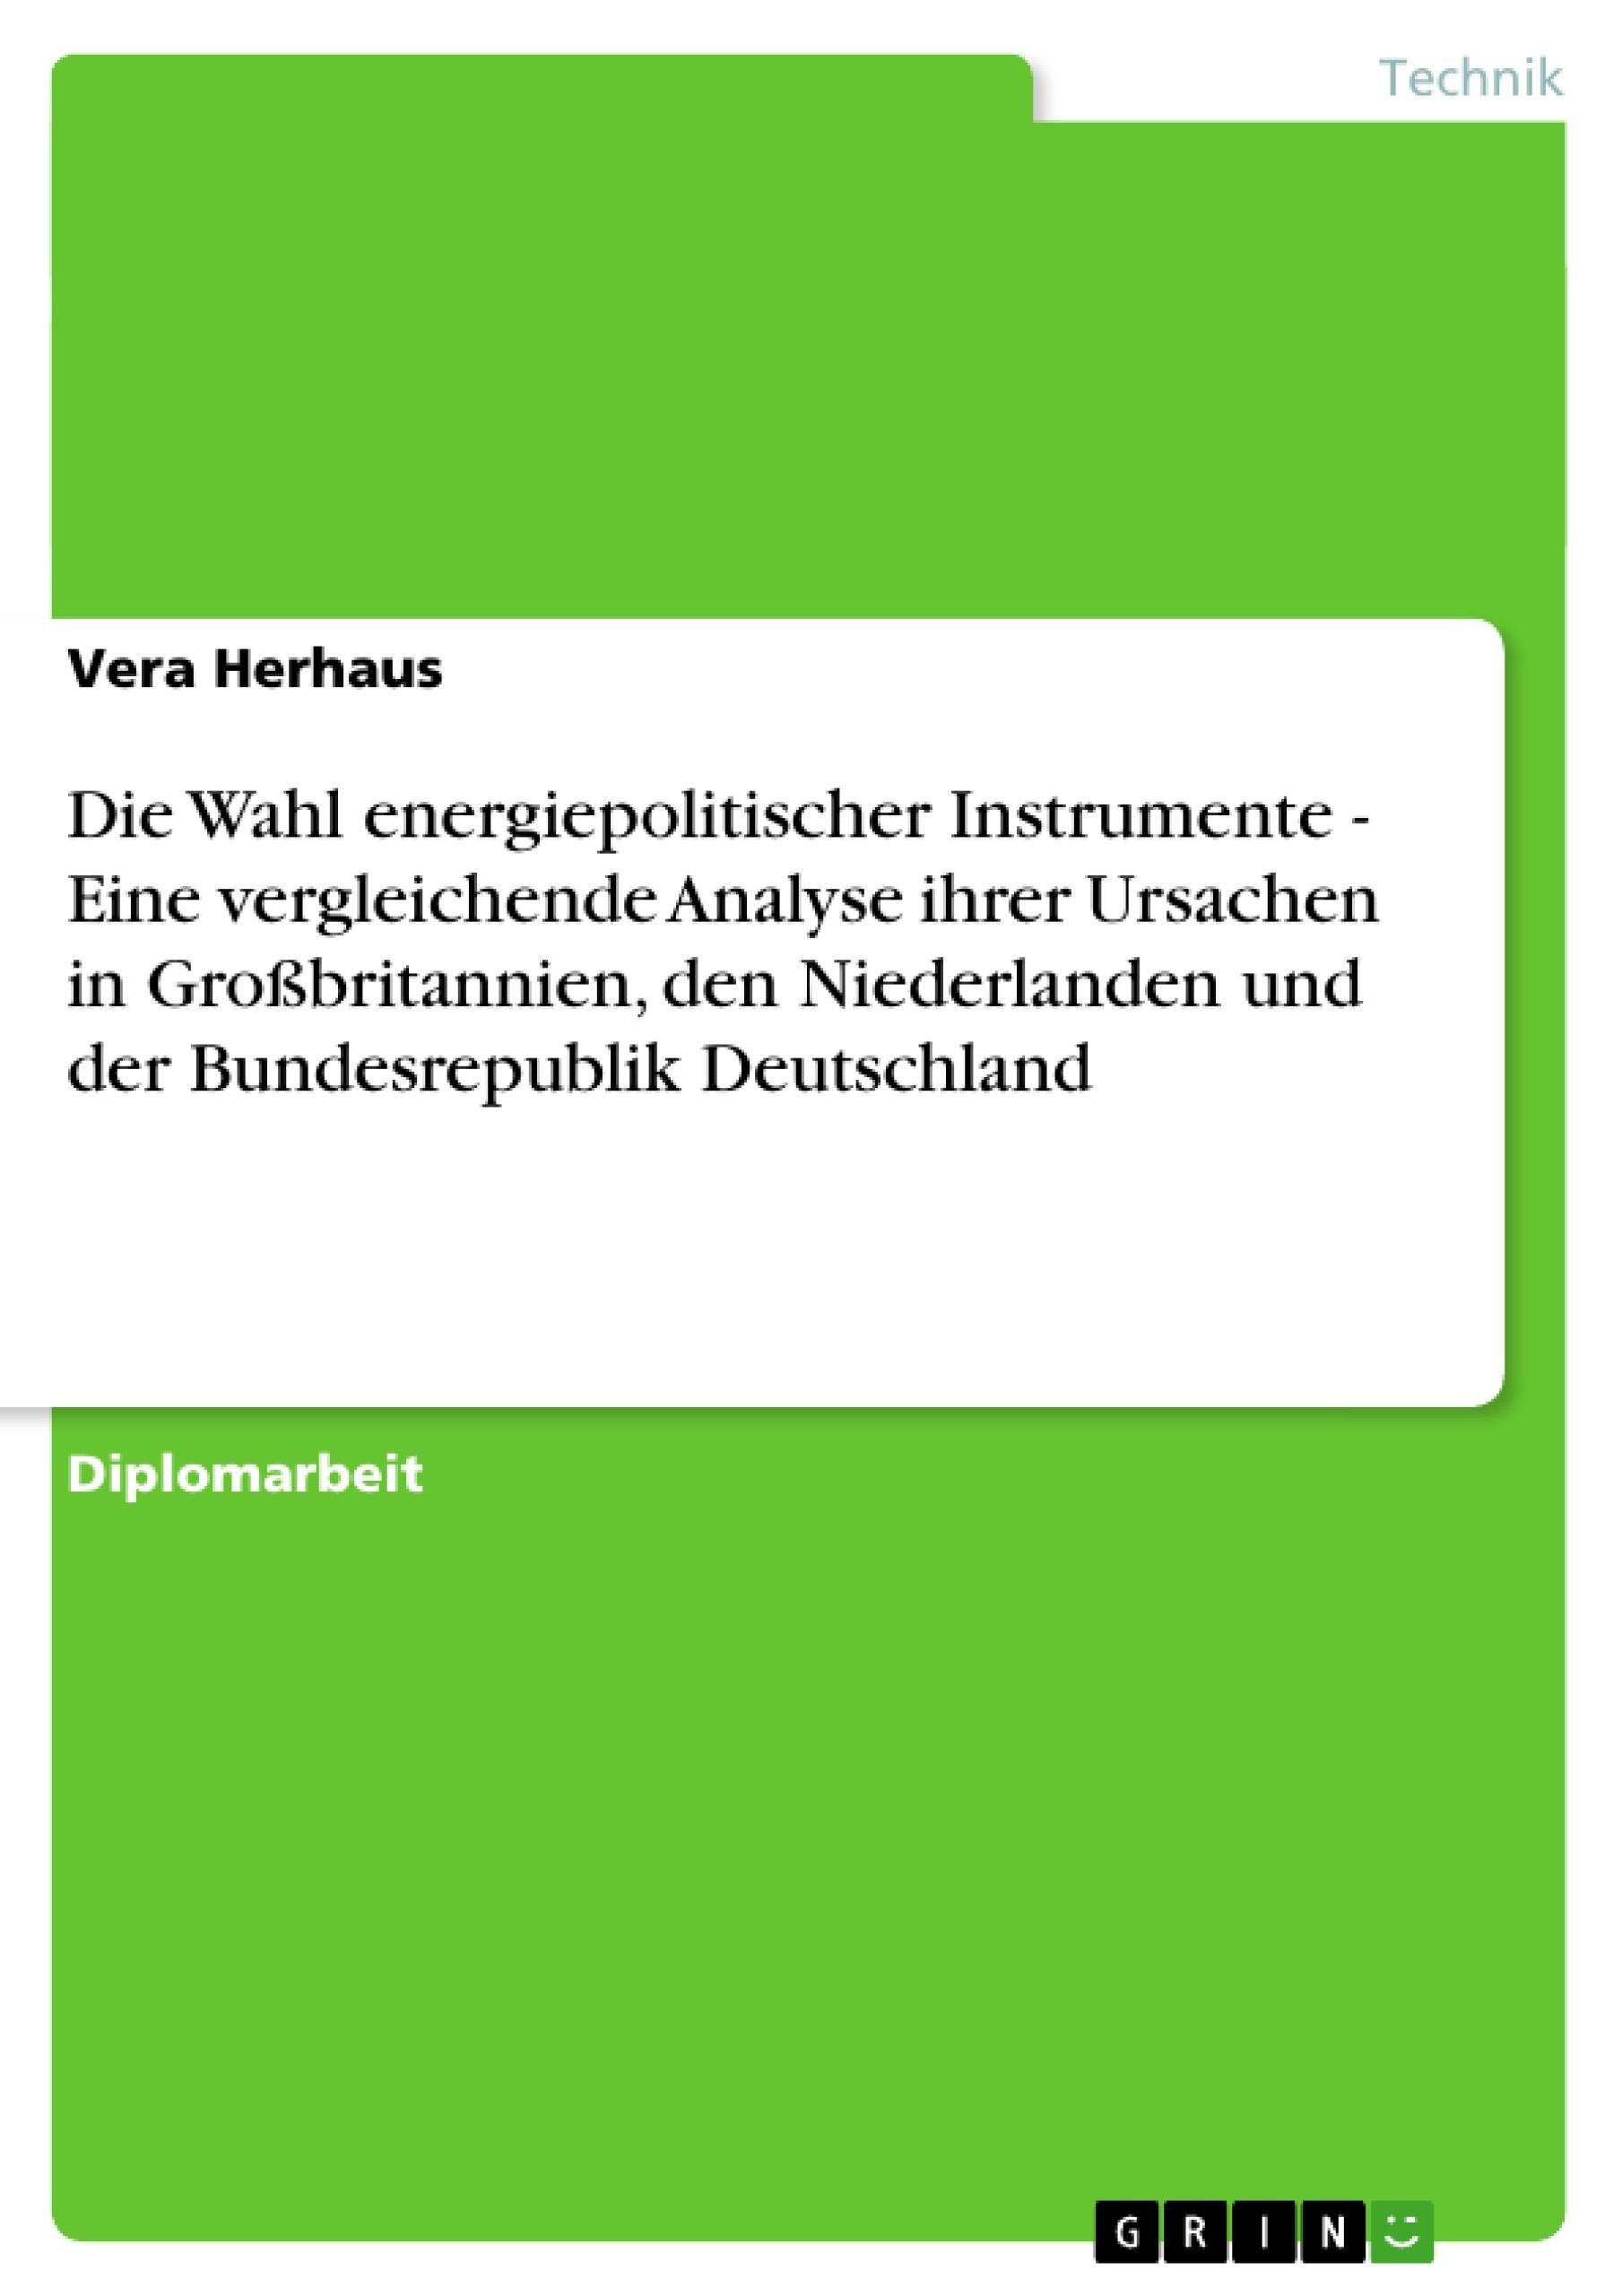 Titel: Die Wahl energiepolitischer Instrumente - Eine vergleichende Analyse ihrer Ursachen in Großbritannien, den Niederlanden und der Bundesrepublik Deutschland